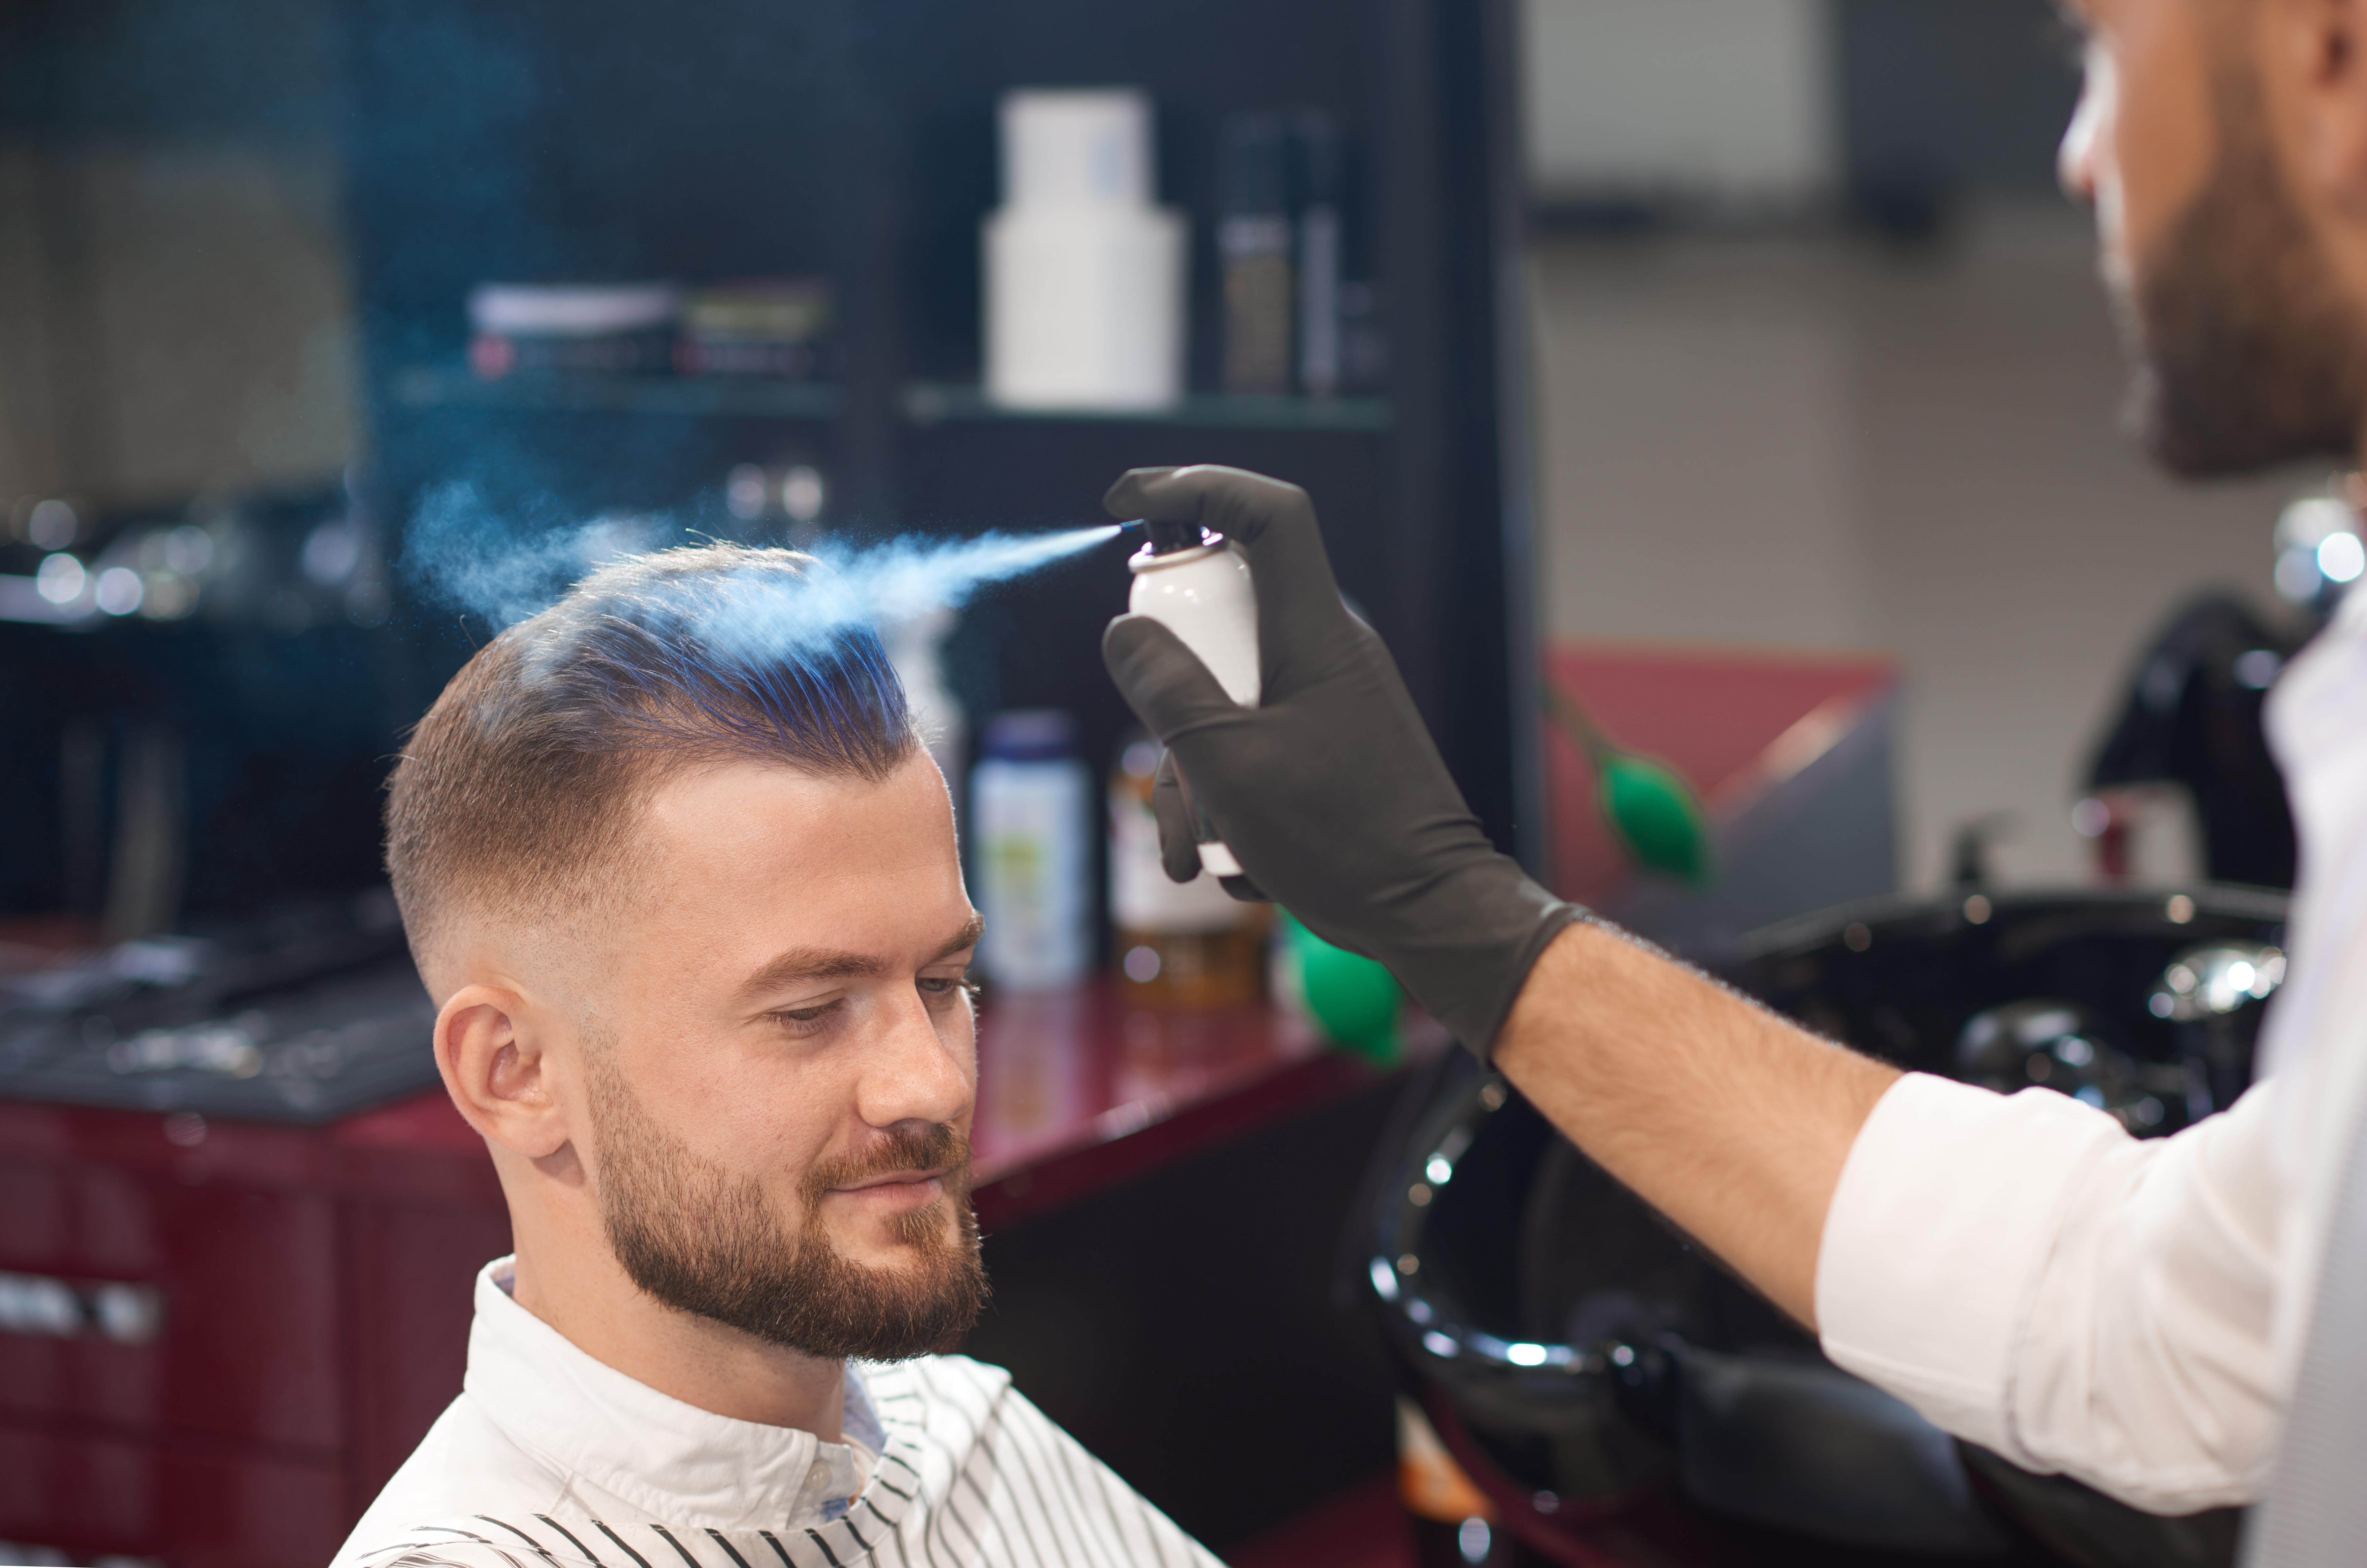 los fijadores causan alopecia